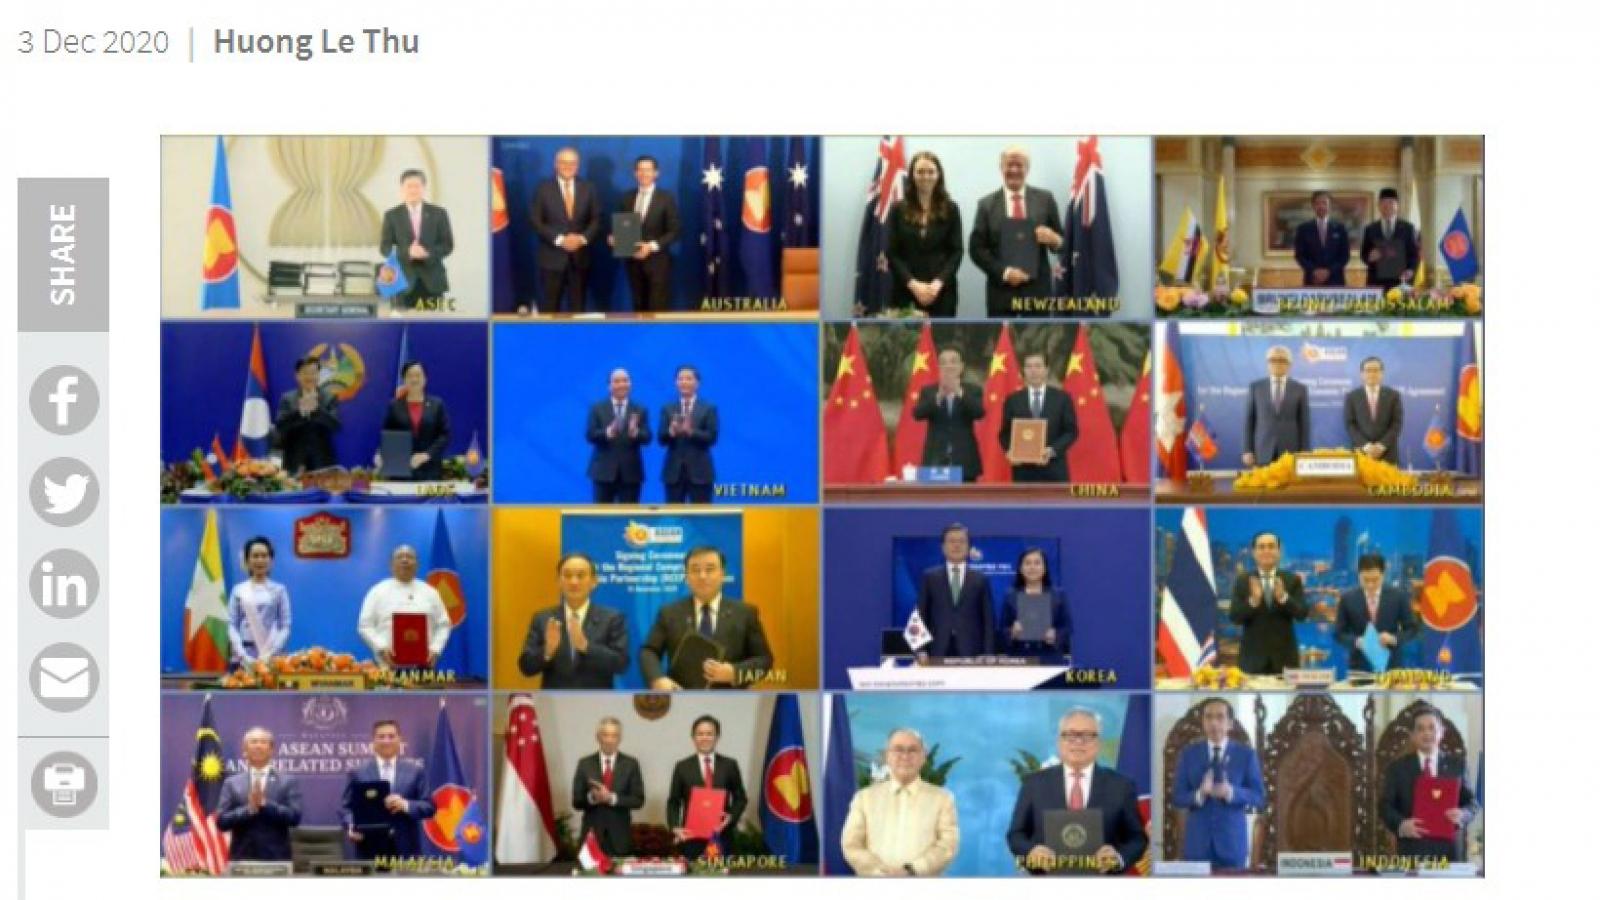 Chuyên gia Australia đánh giá cao vai trò Chủ tịch ASEAN của Việt Nam